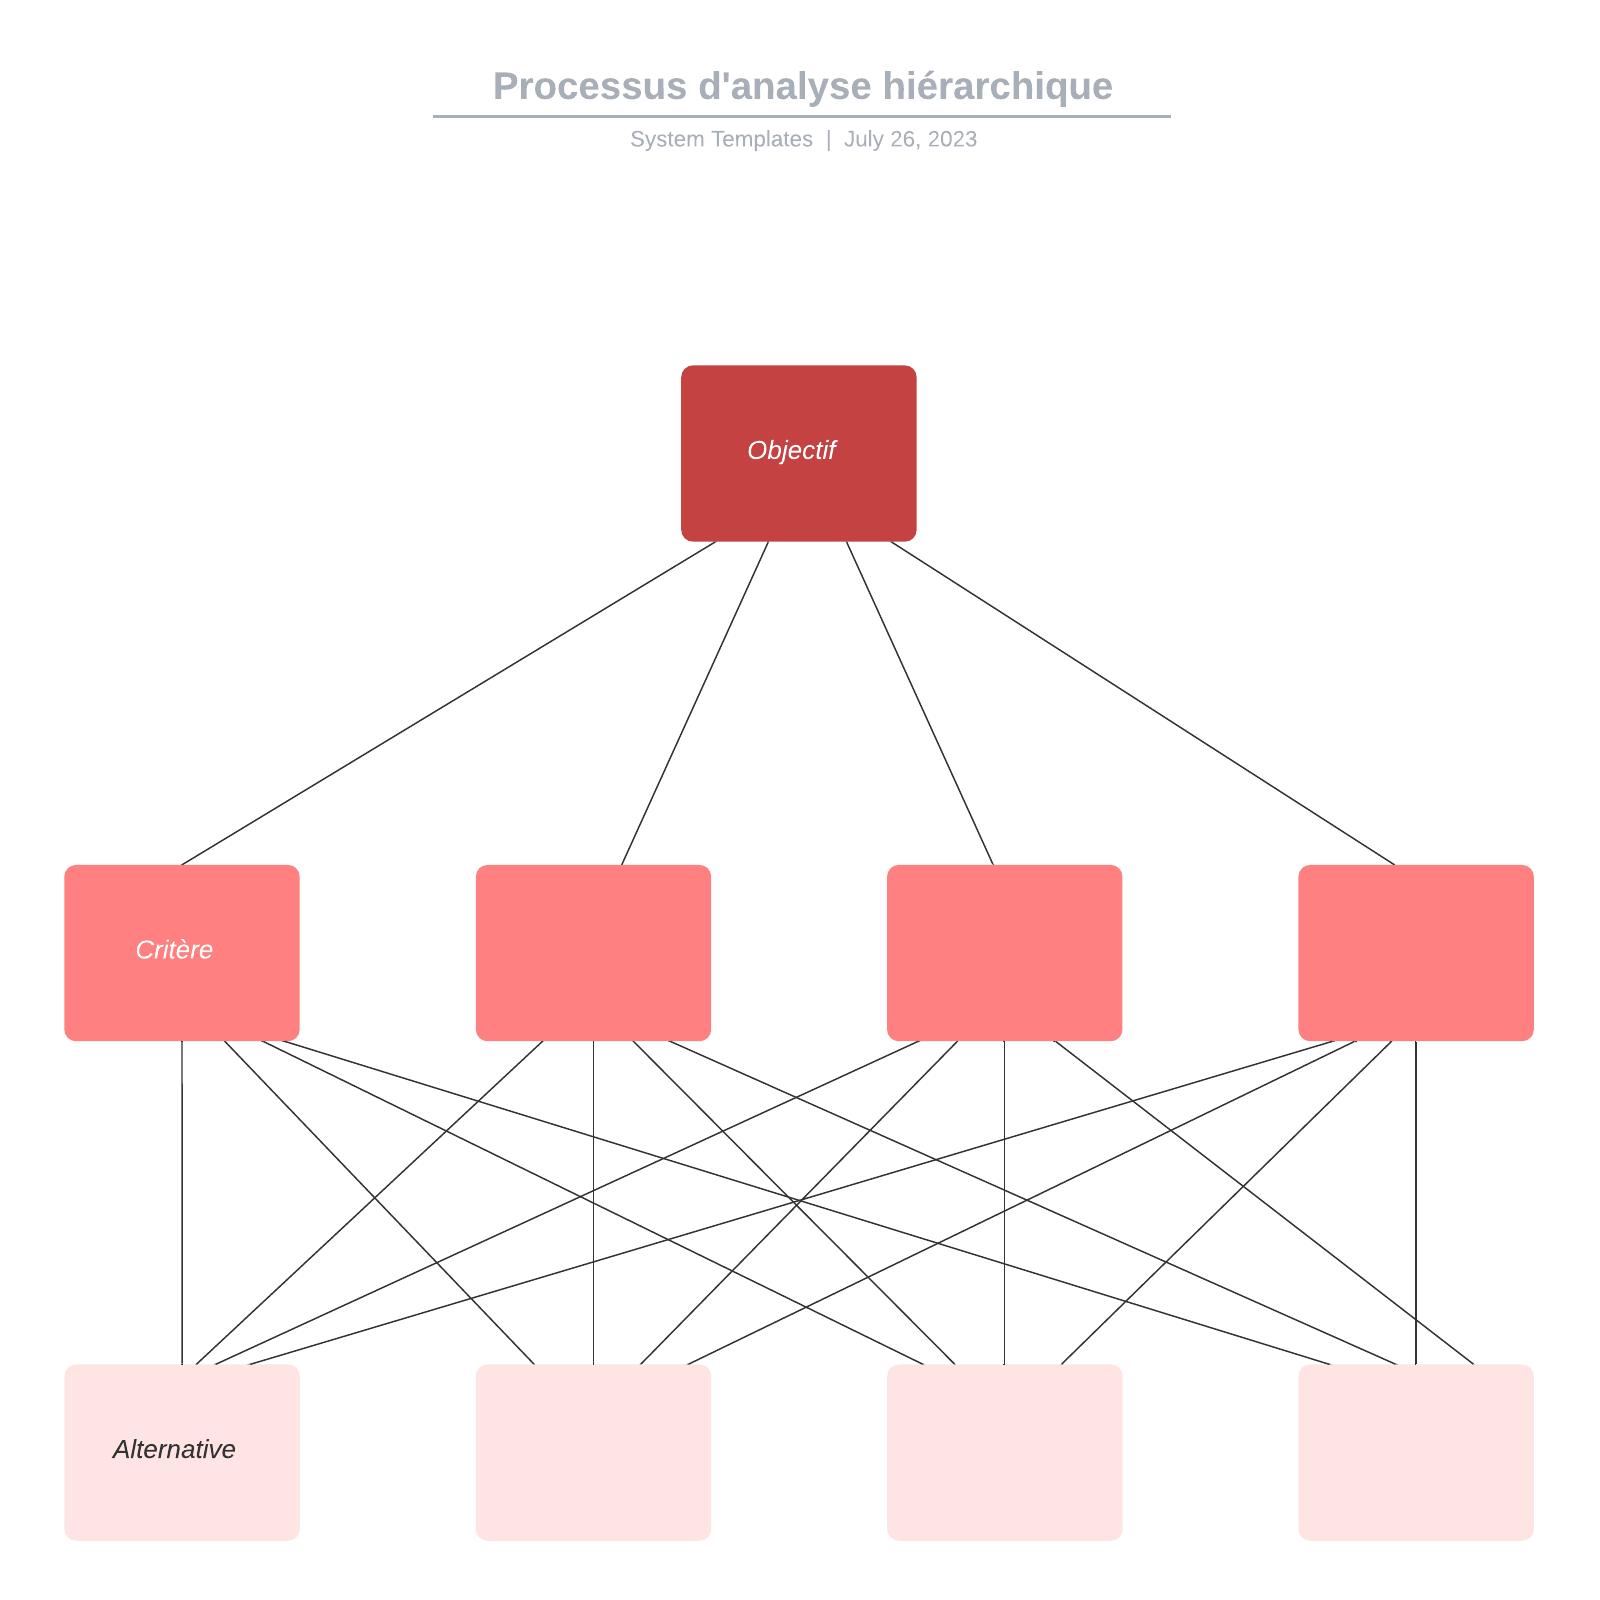 exemple de processus d'analyse hiérarchique vierge